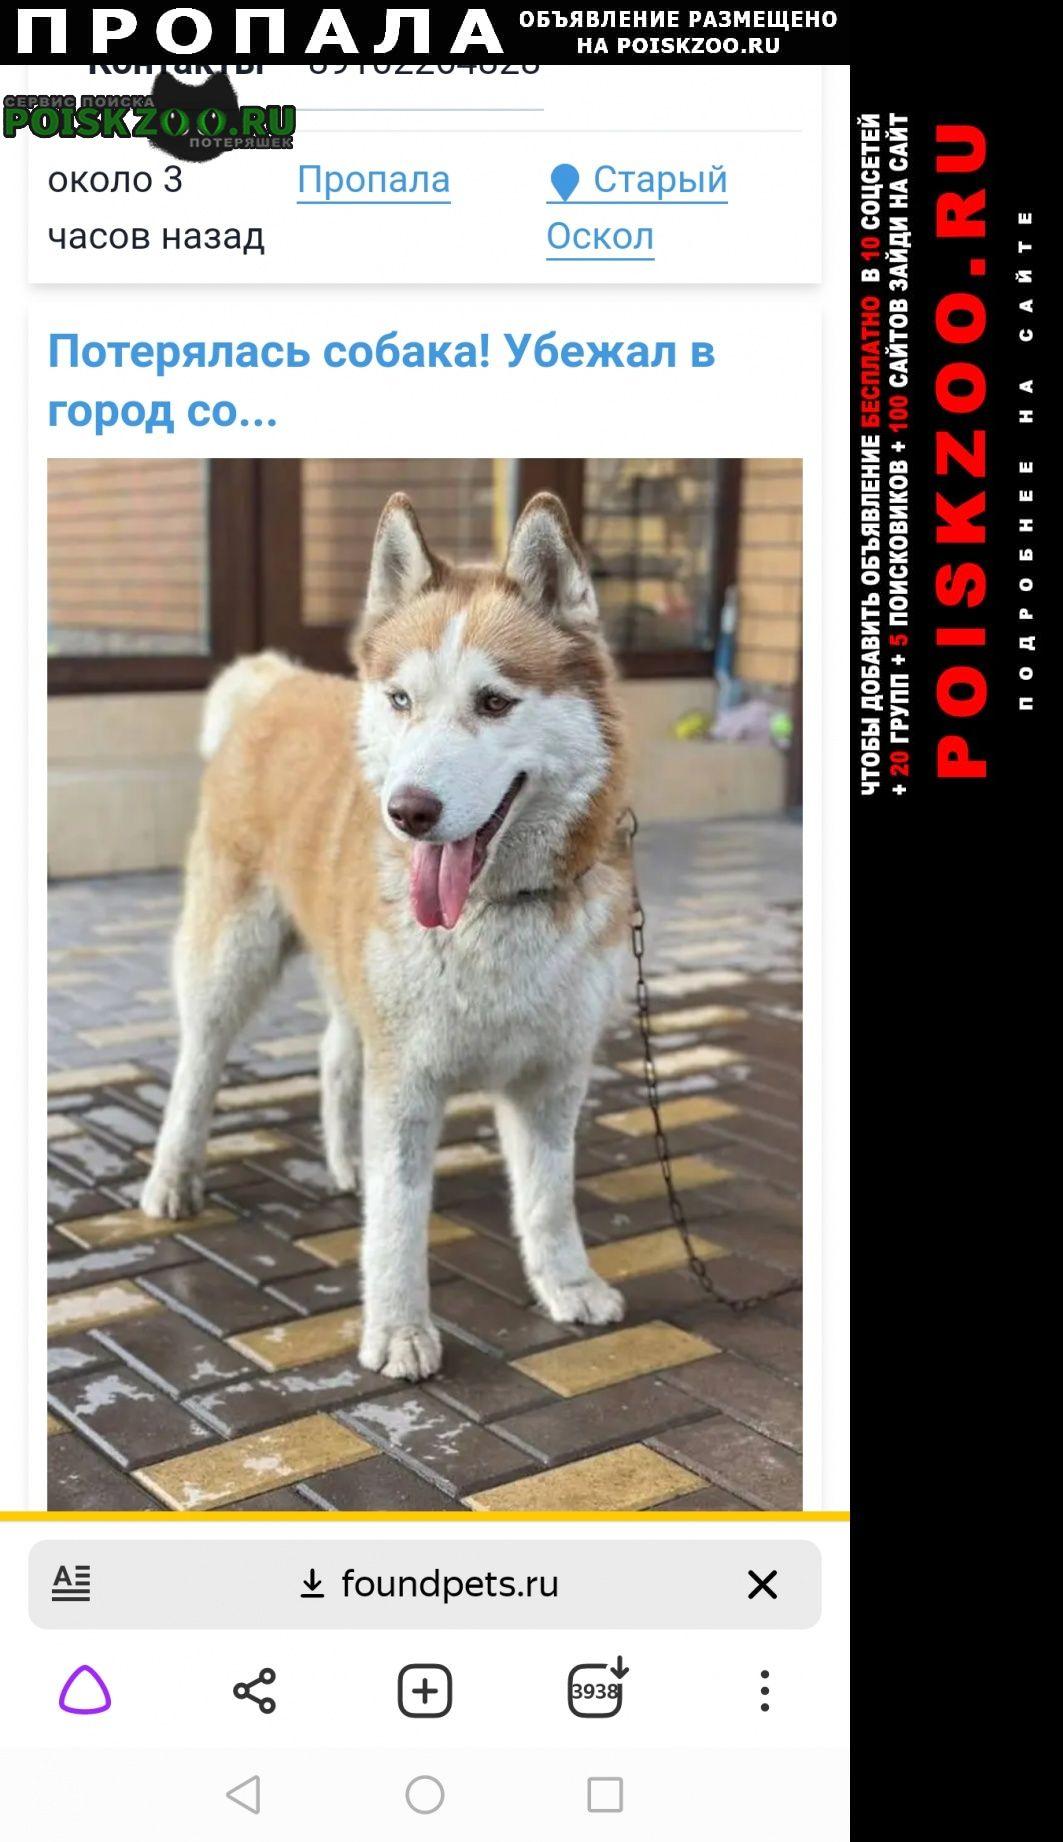 Пропала собака кобель помогите найти Старый Оскол